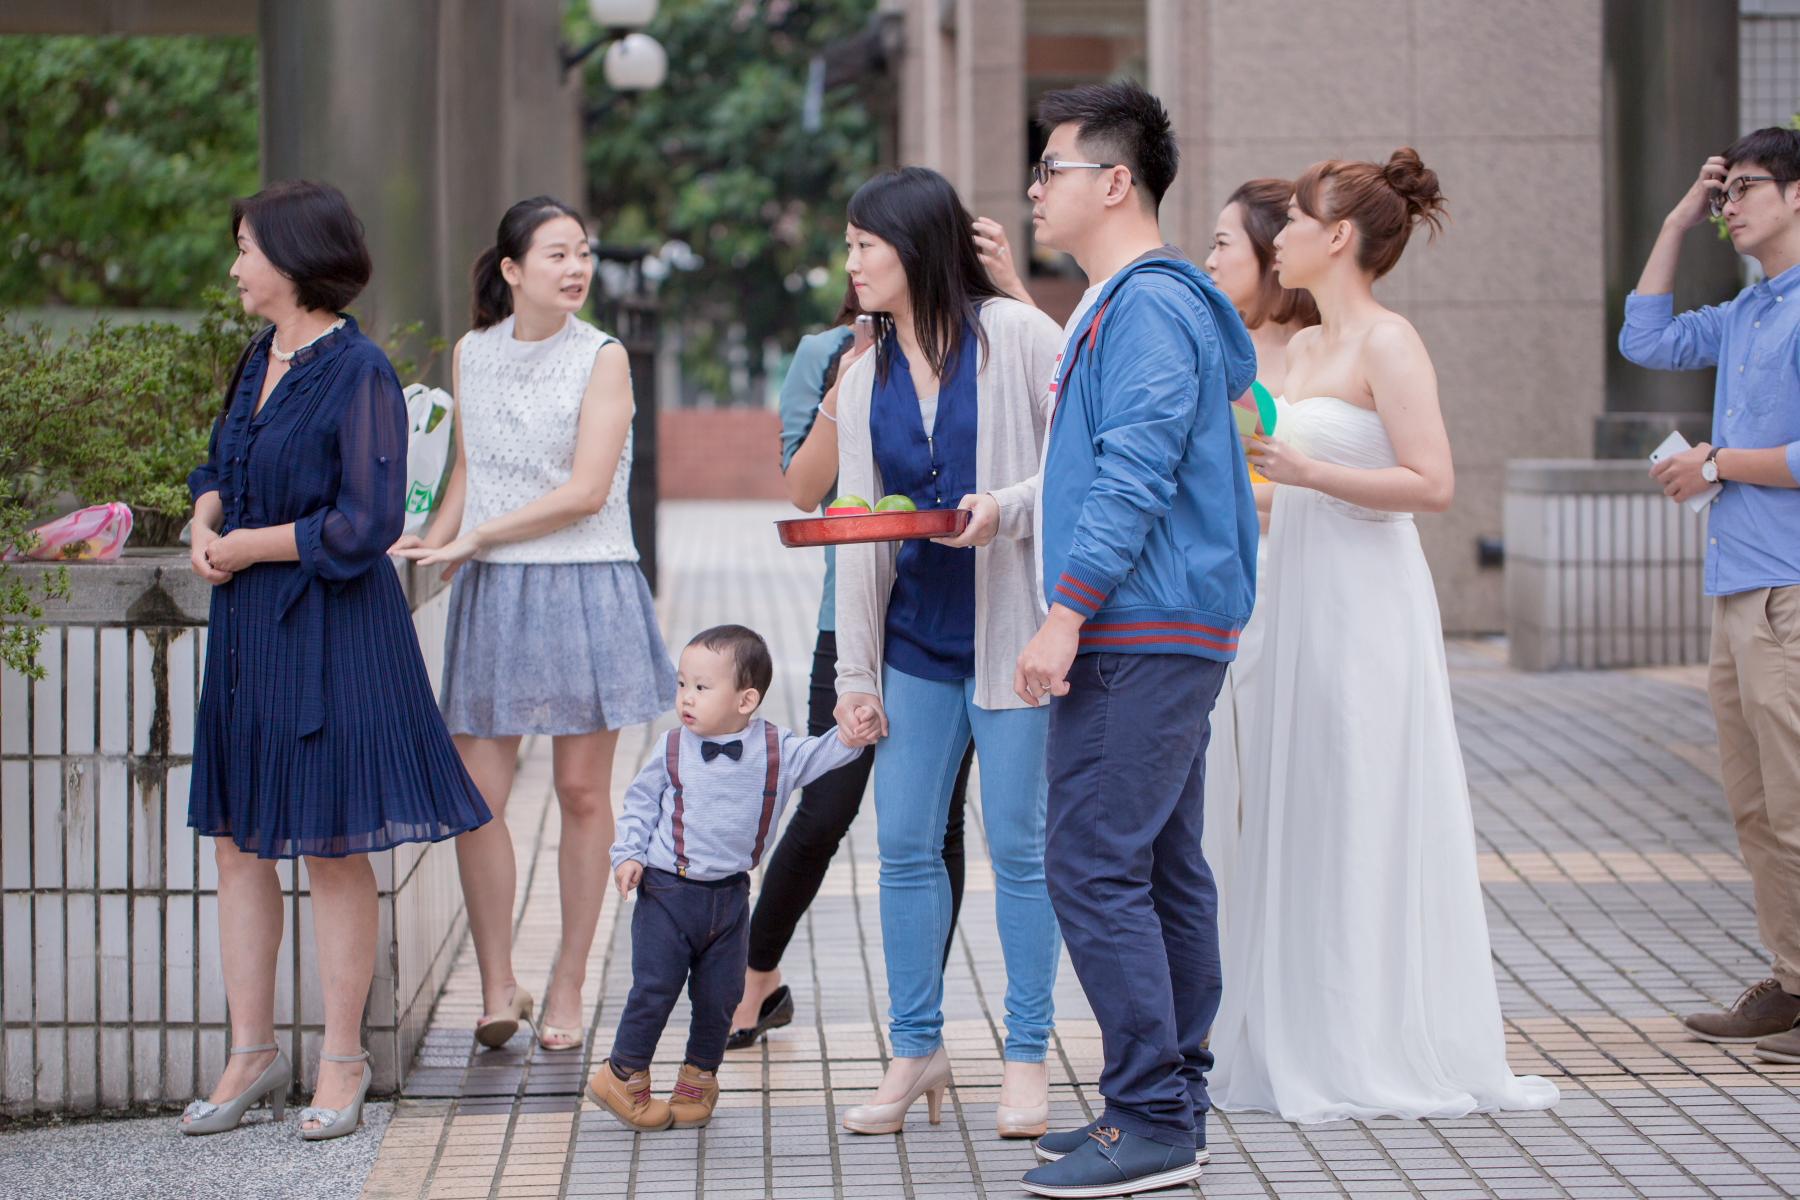 鴻璿鈺婷婚禮183